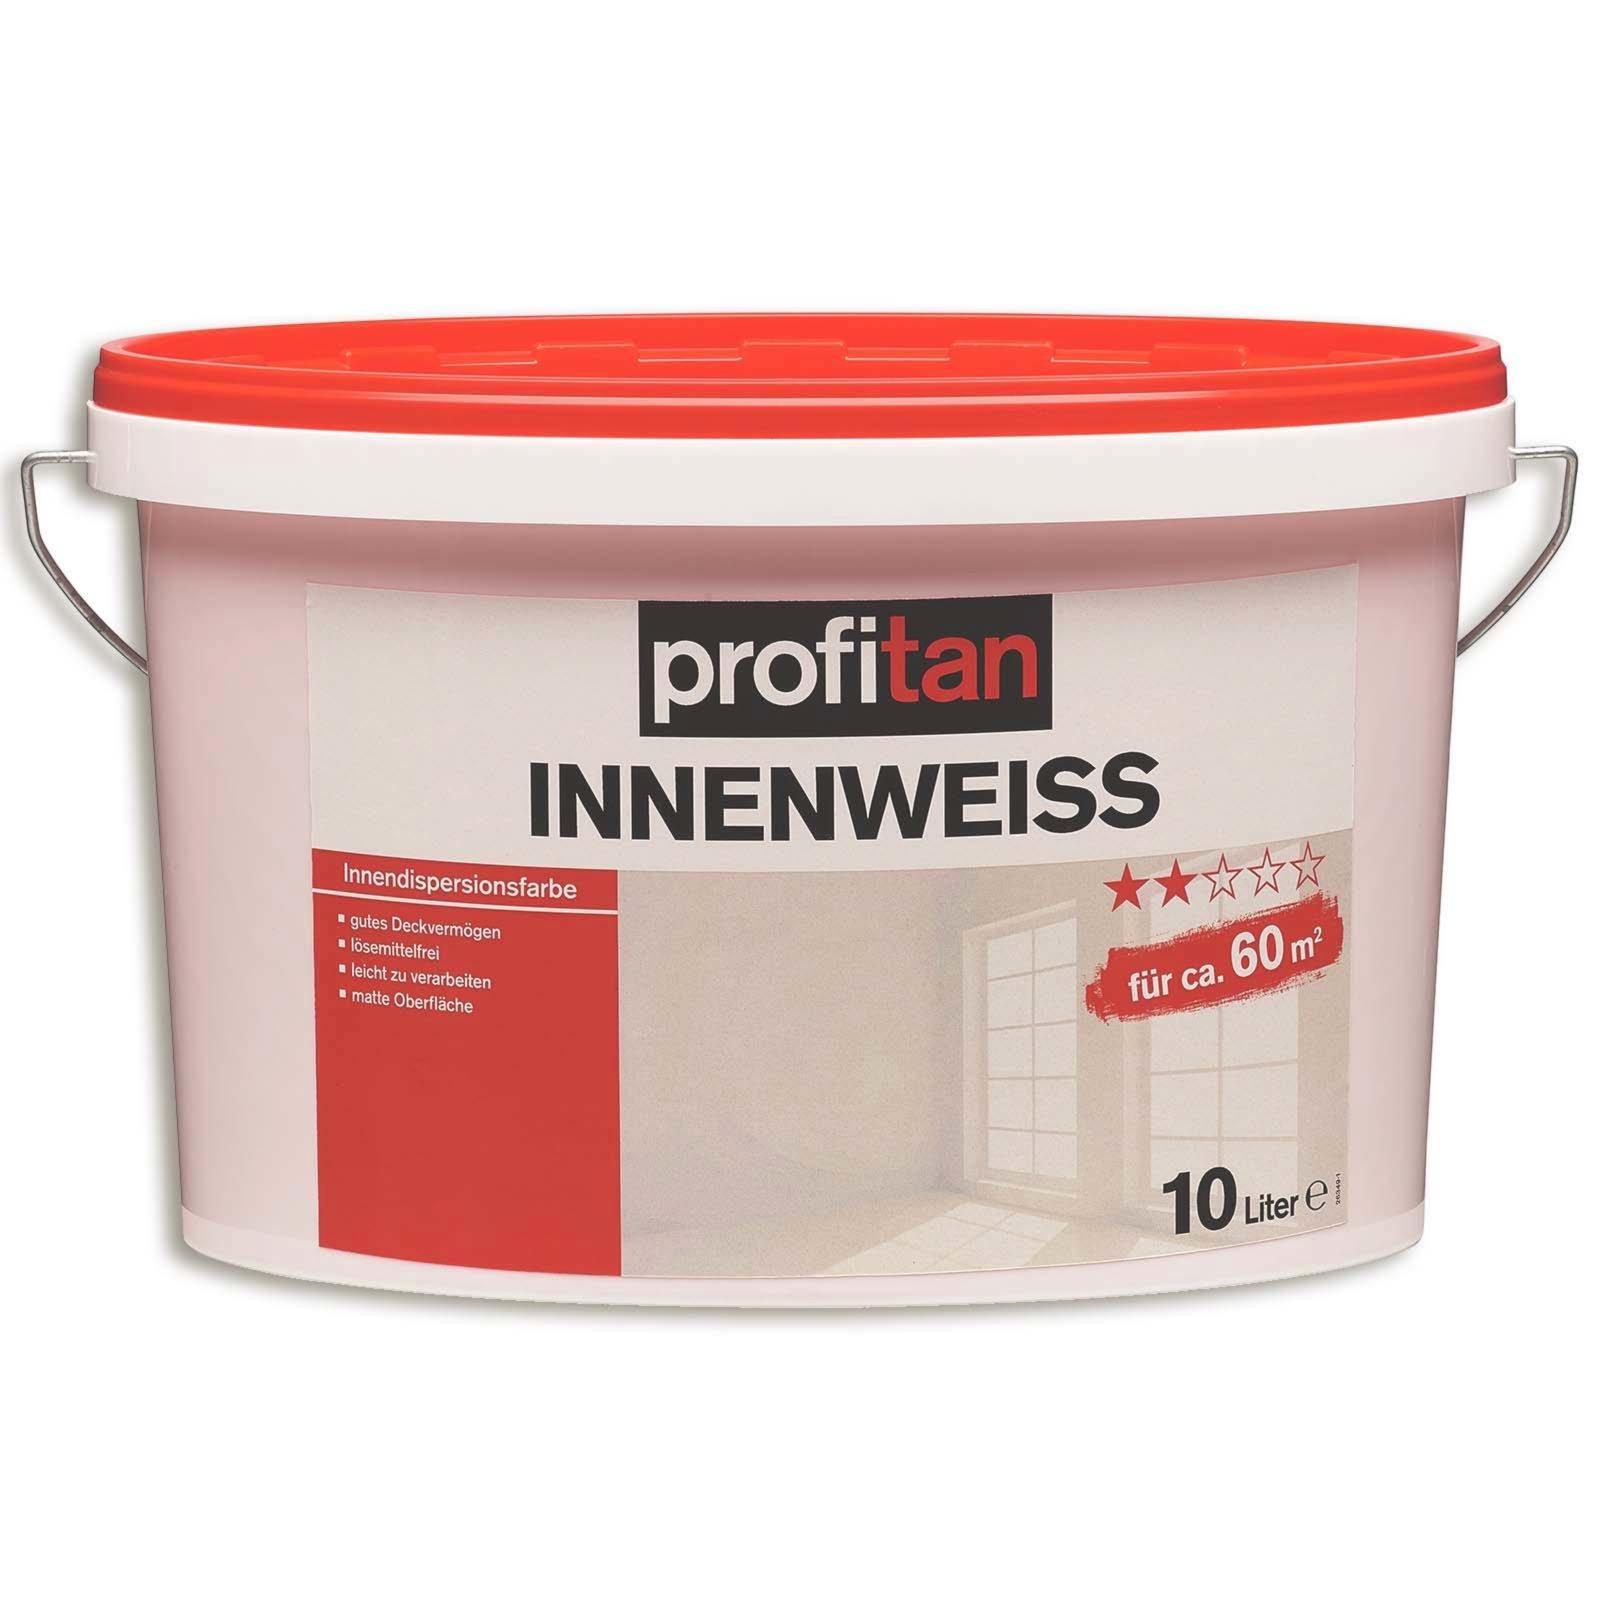 Profitan Innenweiß Wand  Und Deckenfarbe   Matt   10 Liter